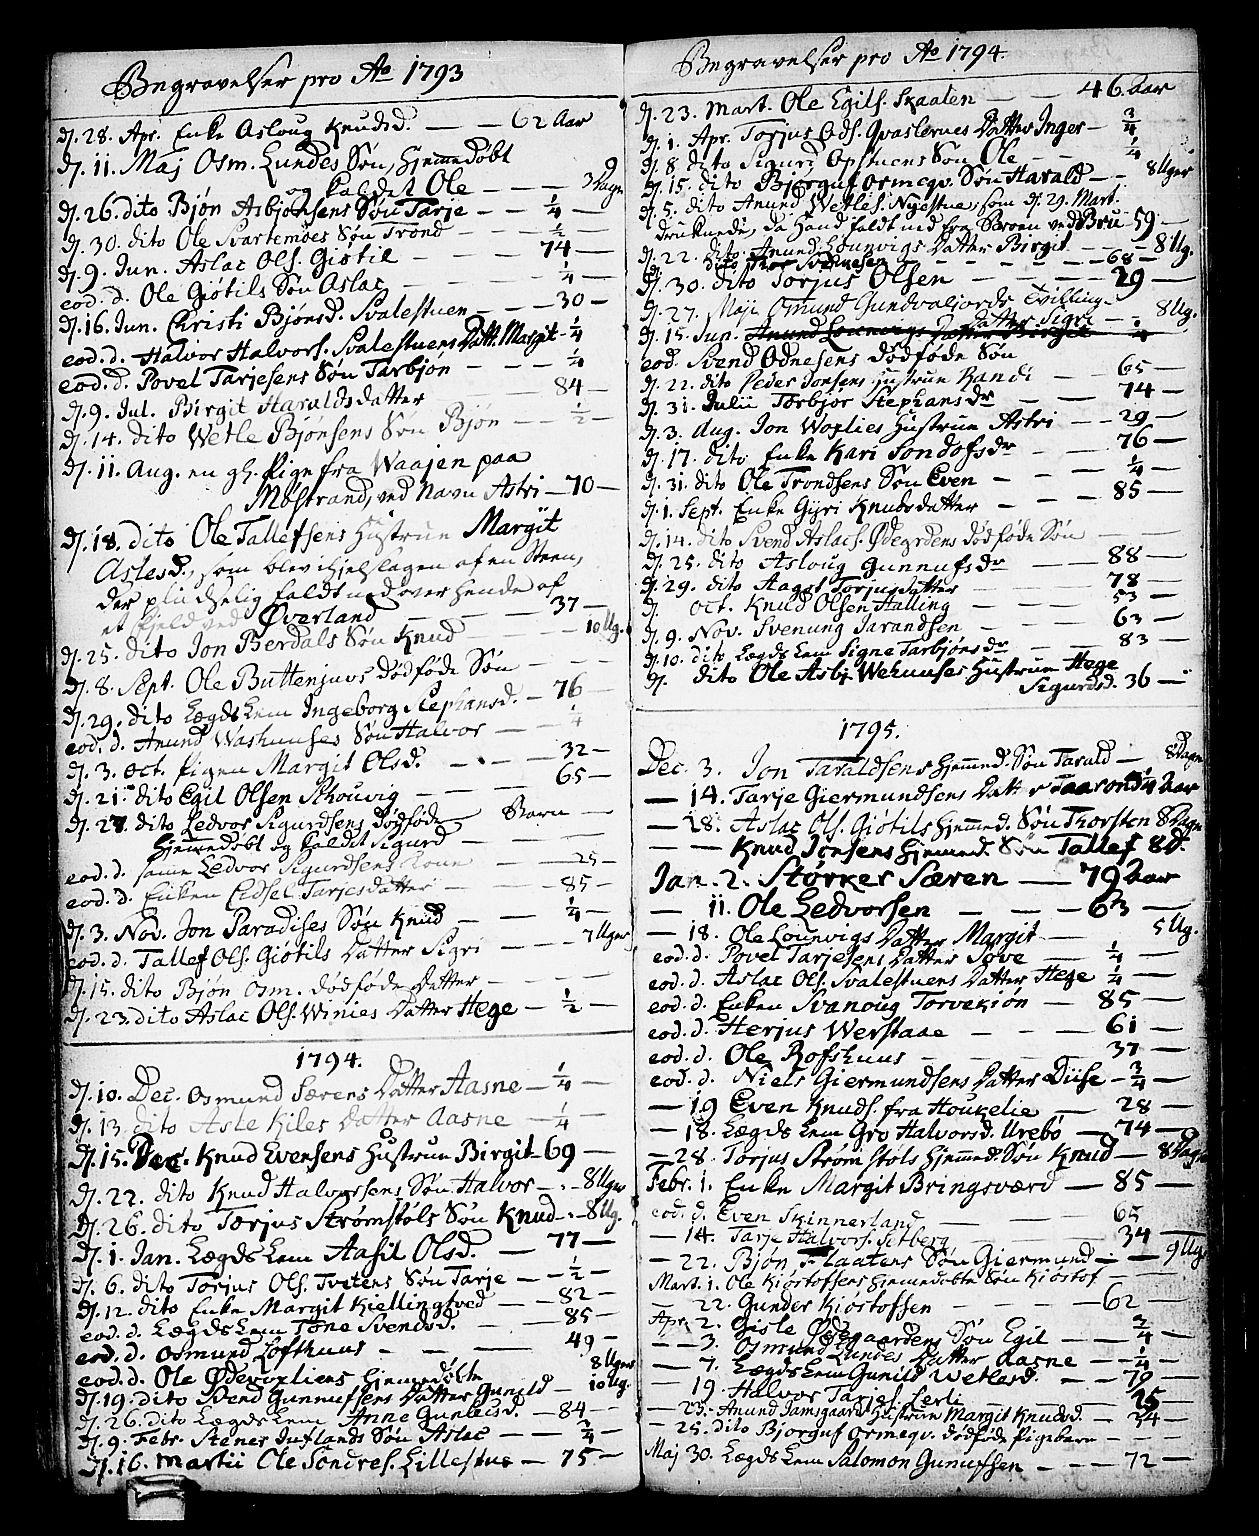 SAKO, Vinje kirkebøker, F/Fa/L0002: Ministerialbok nr. I 2, 1767-1814